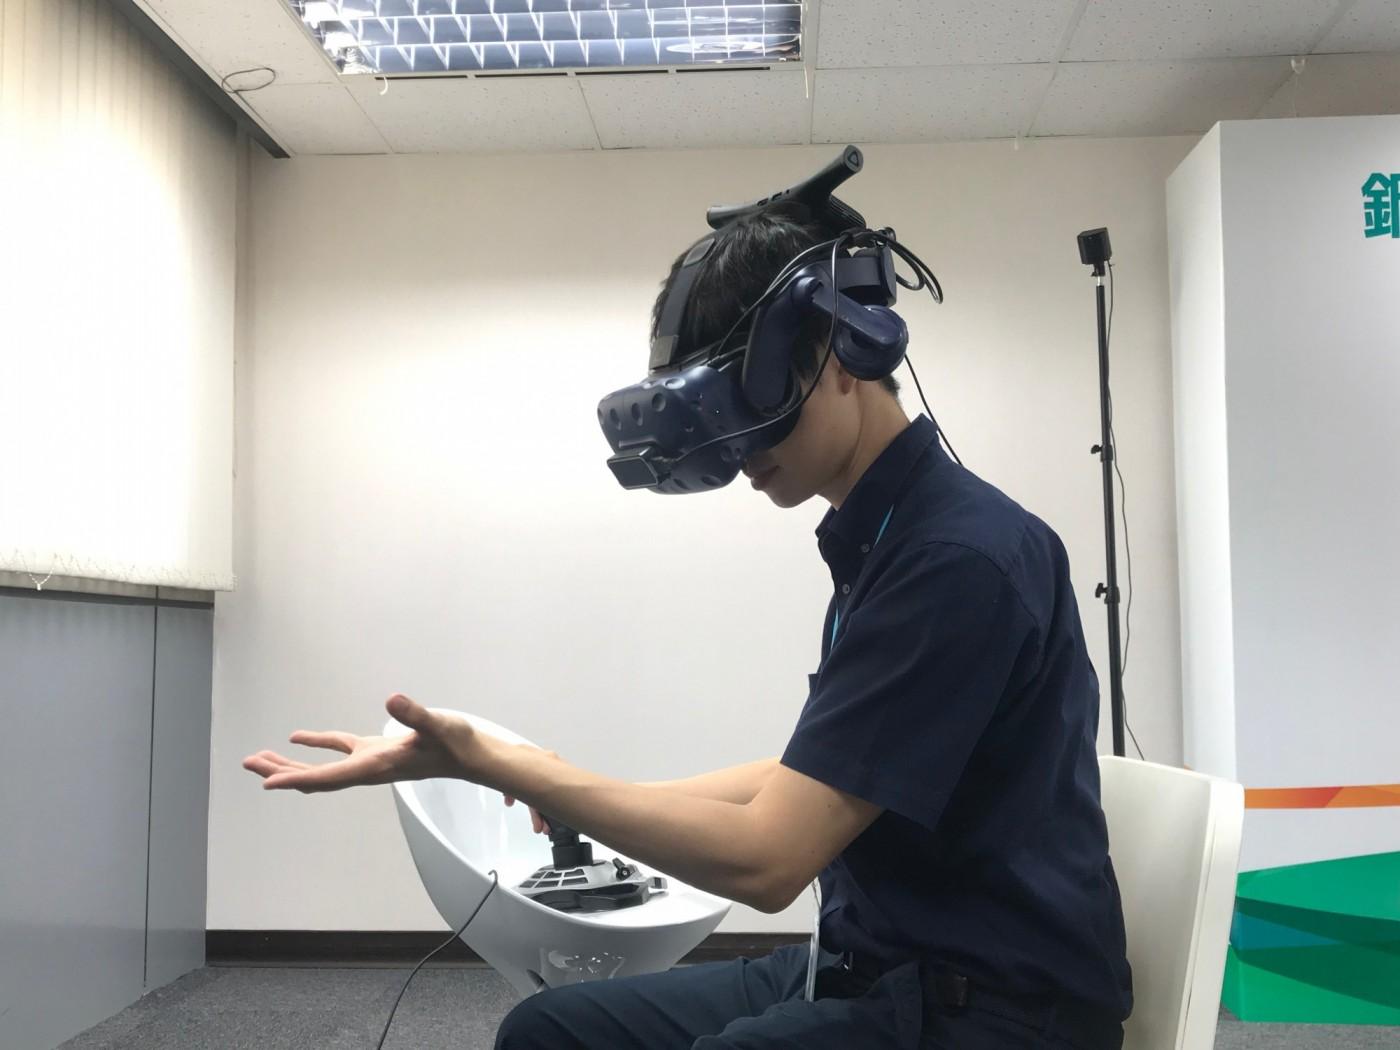 中鋼不老派,用VR傳授老師傅經驗!看滿月新總座如何推動鋼鐵部隊玩創意?